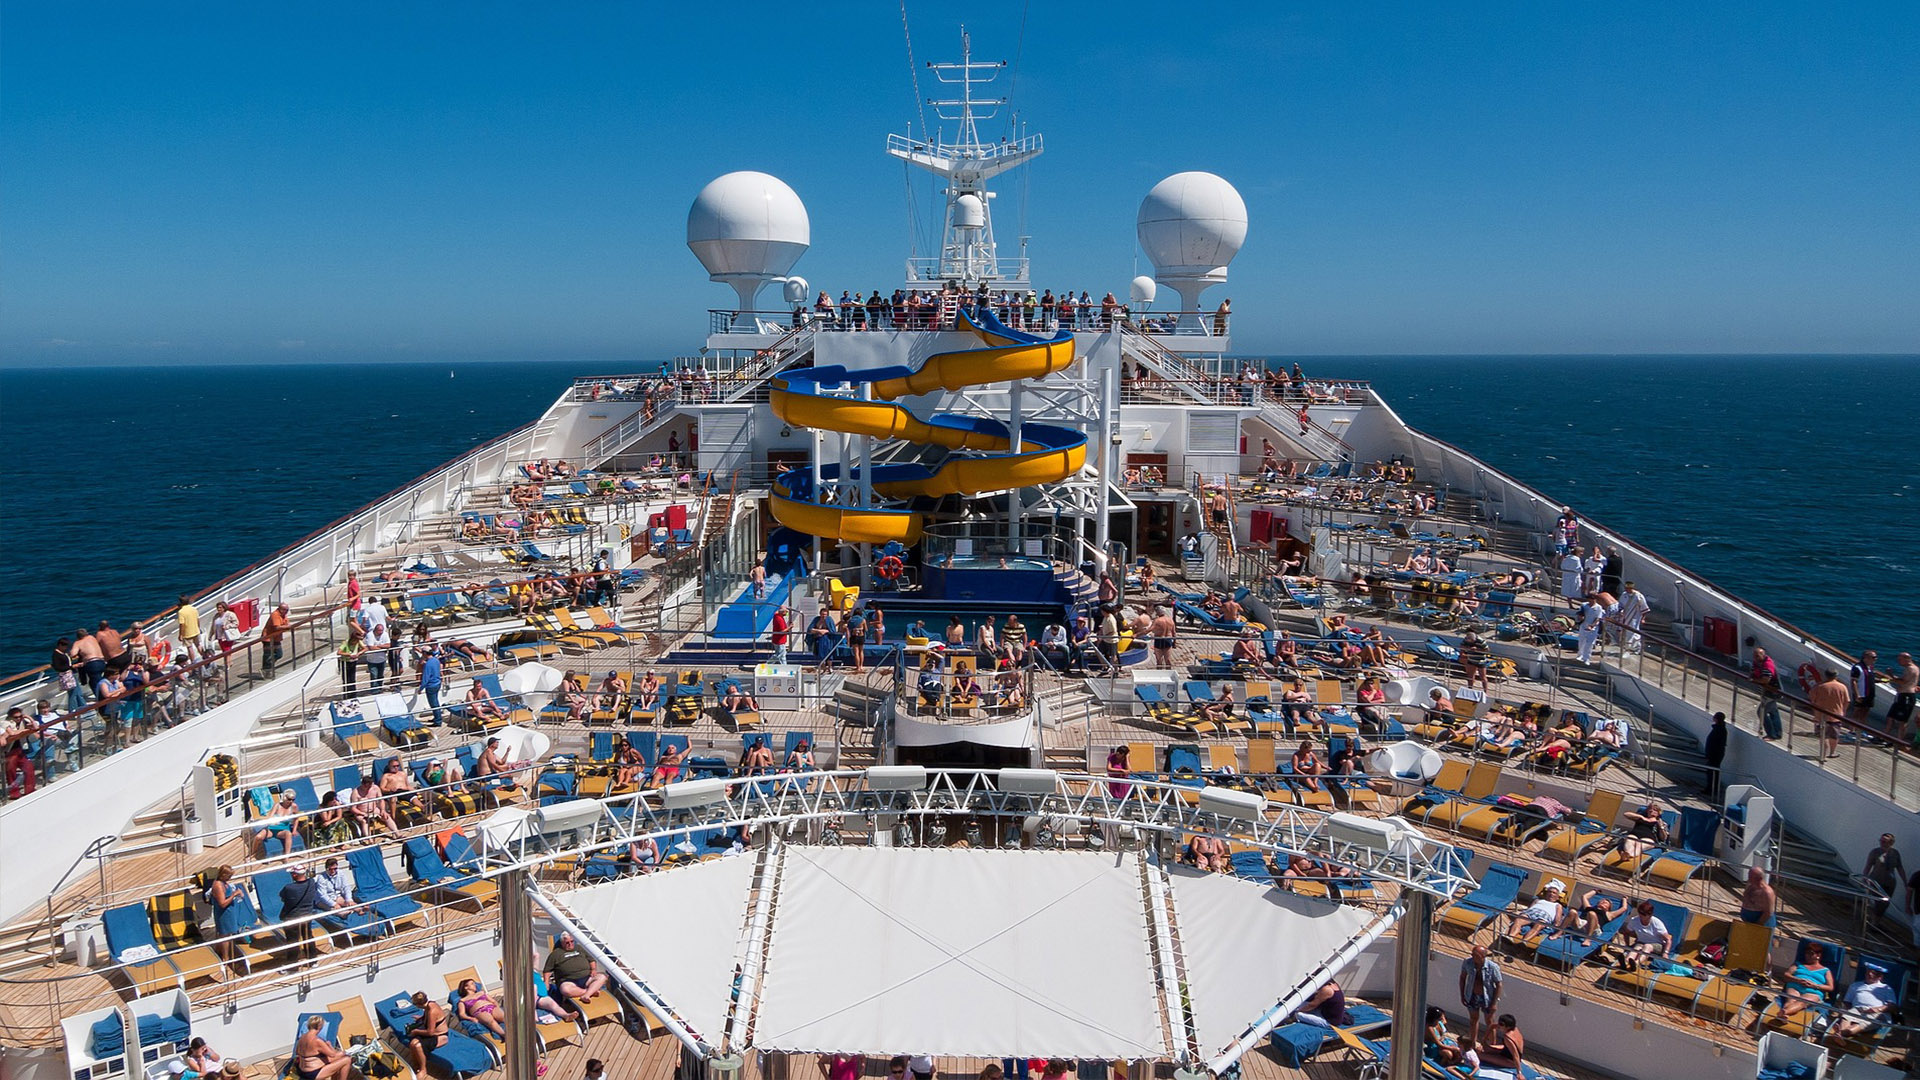 Conforto e diversão em alto mar. Os cruzeiros são uma excelente opção de deslocamento e entretenimento para toda a família.